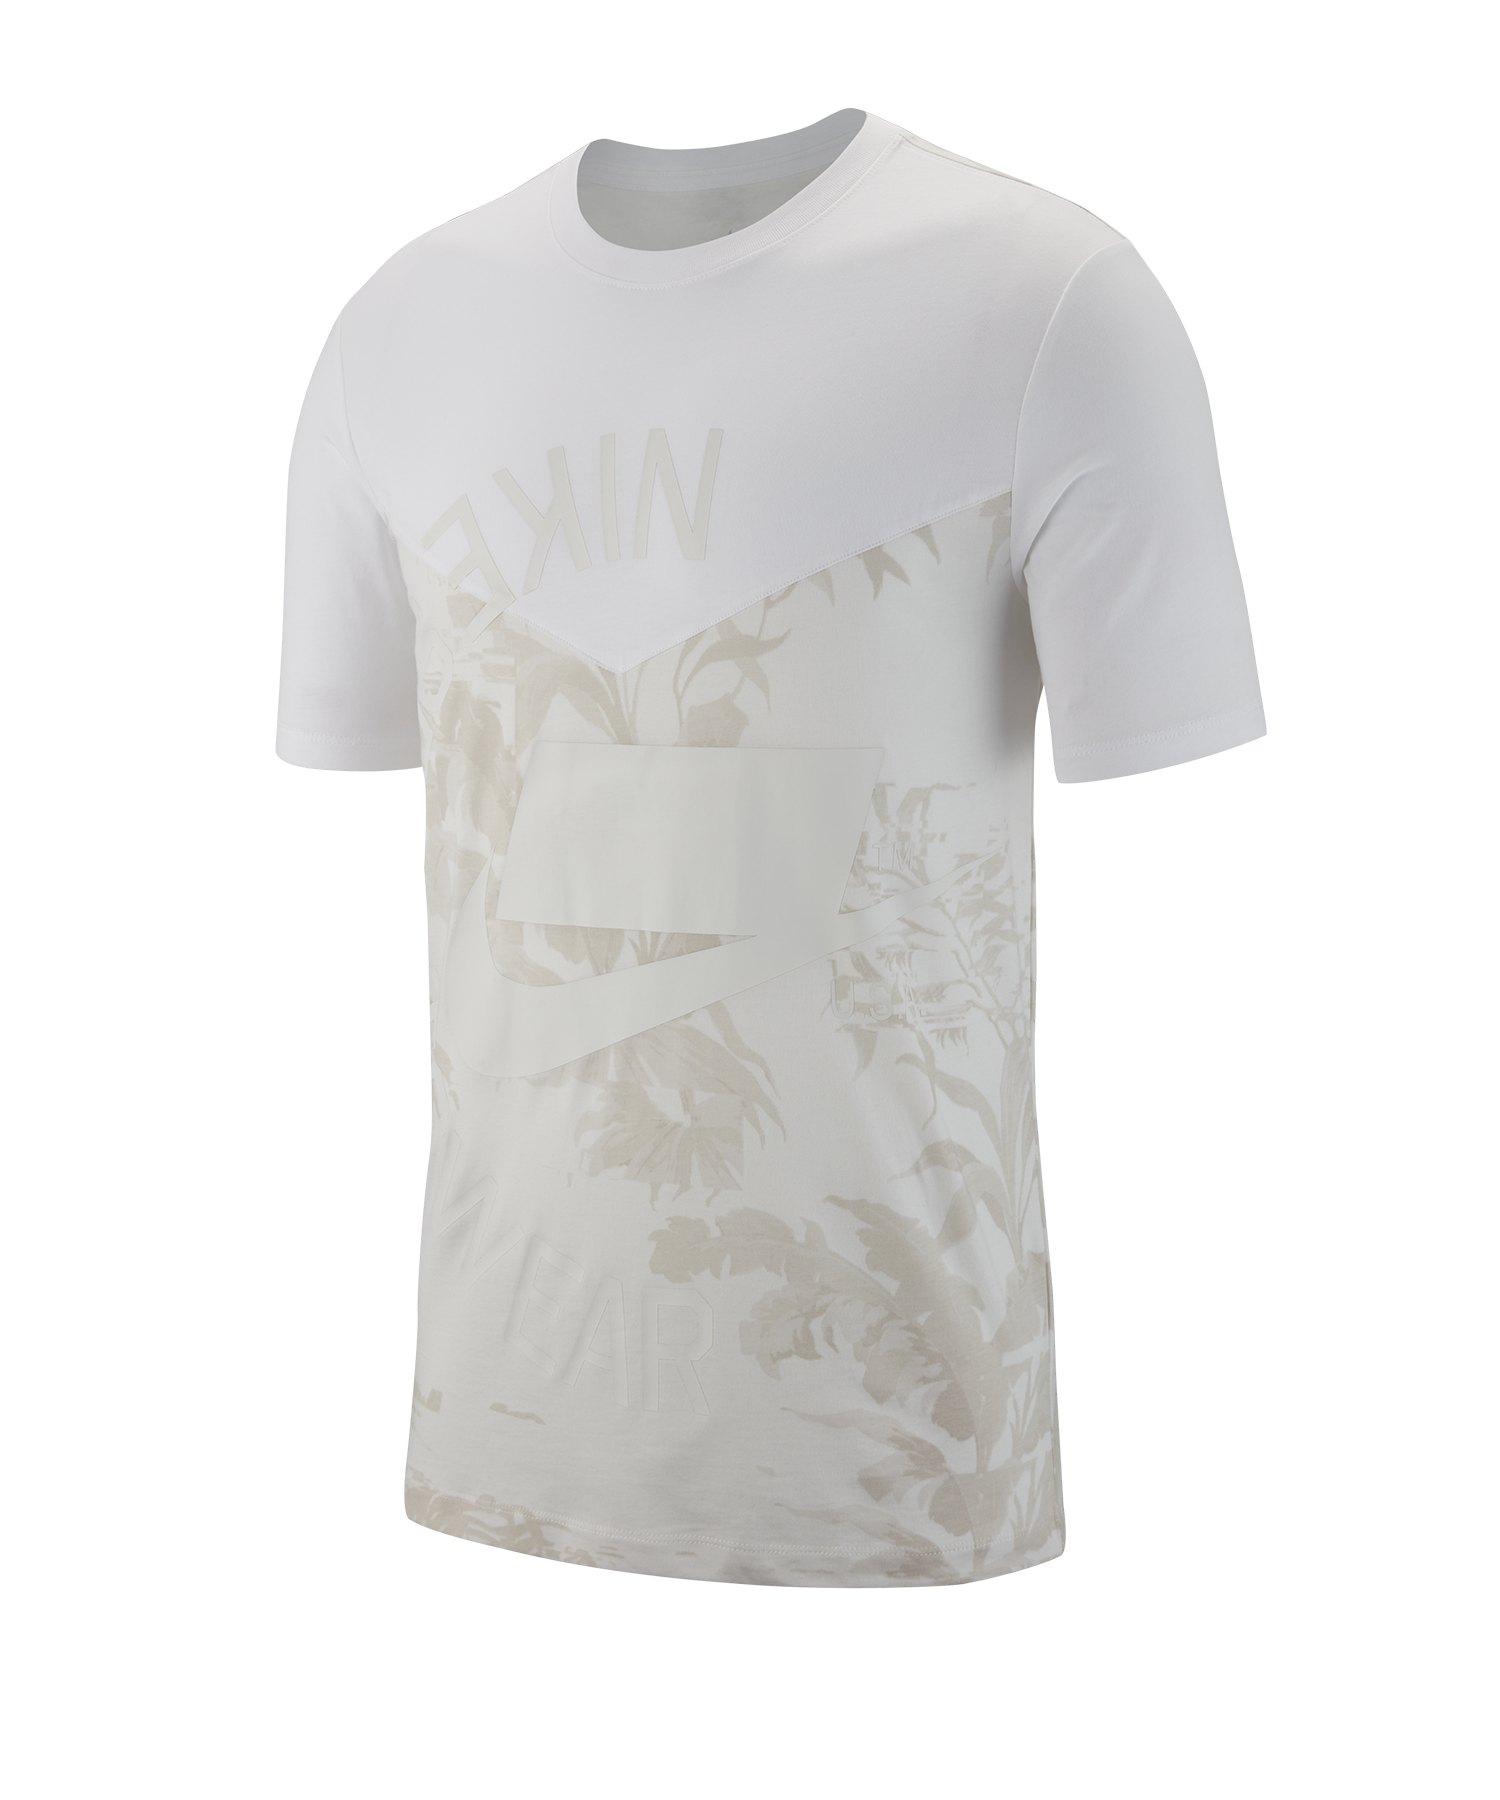 Nike 2 Tee T-Shirt Weiss F100 - weiss